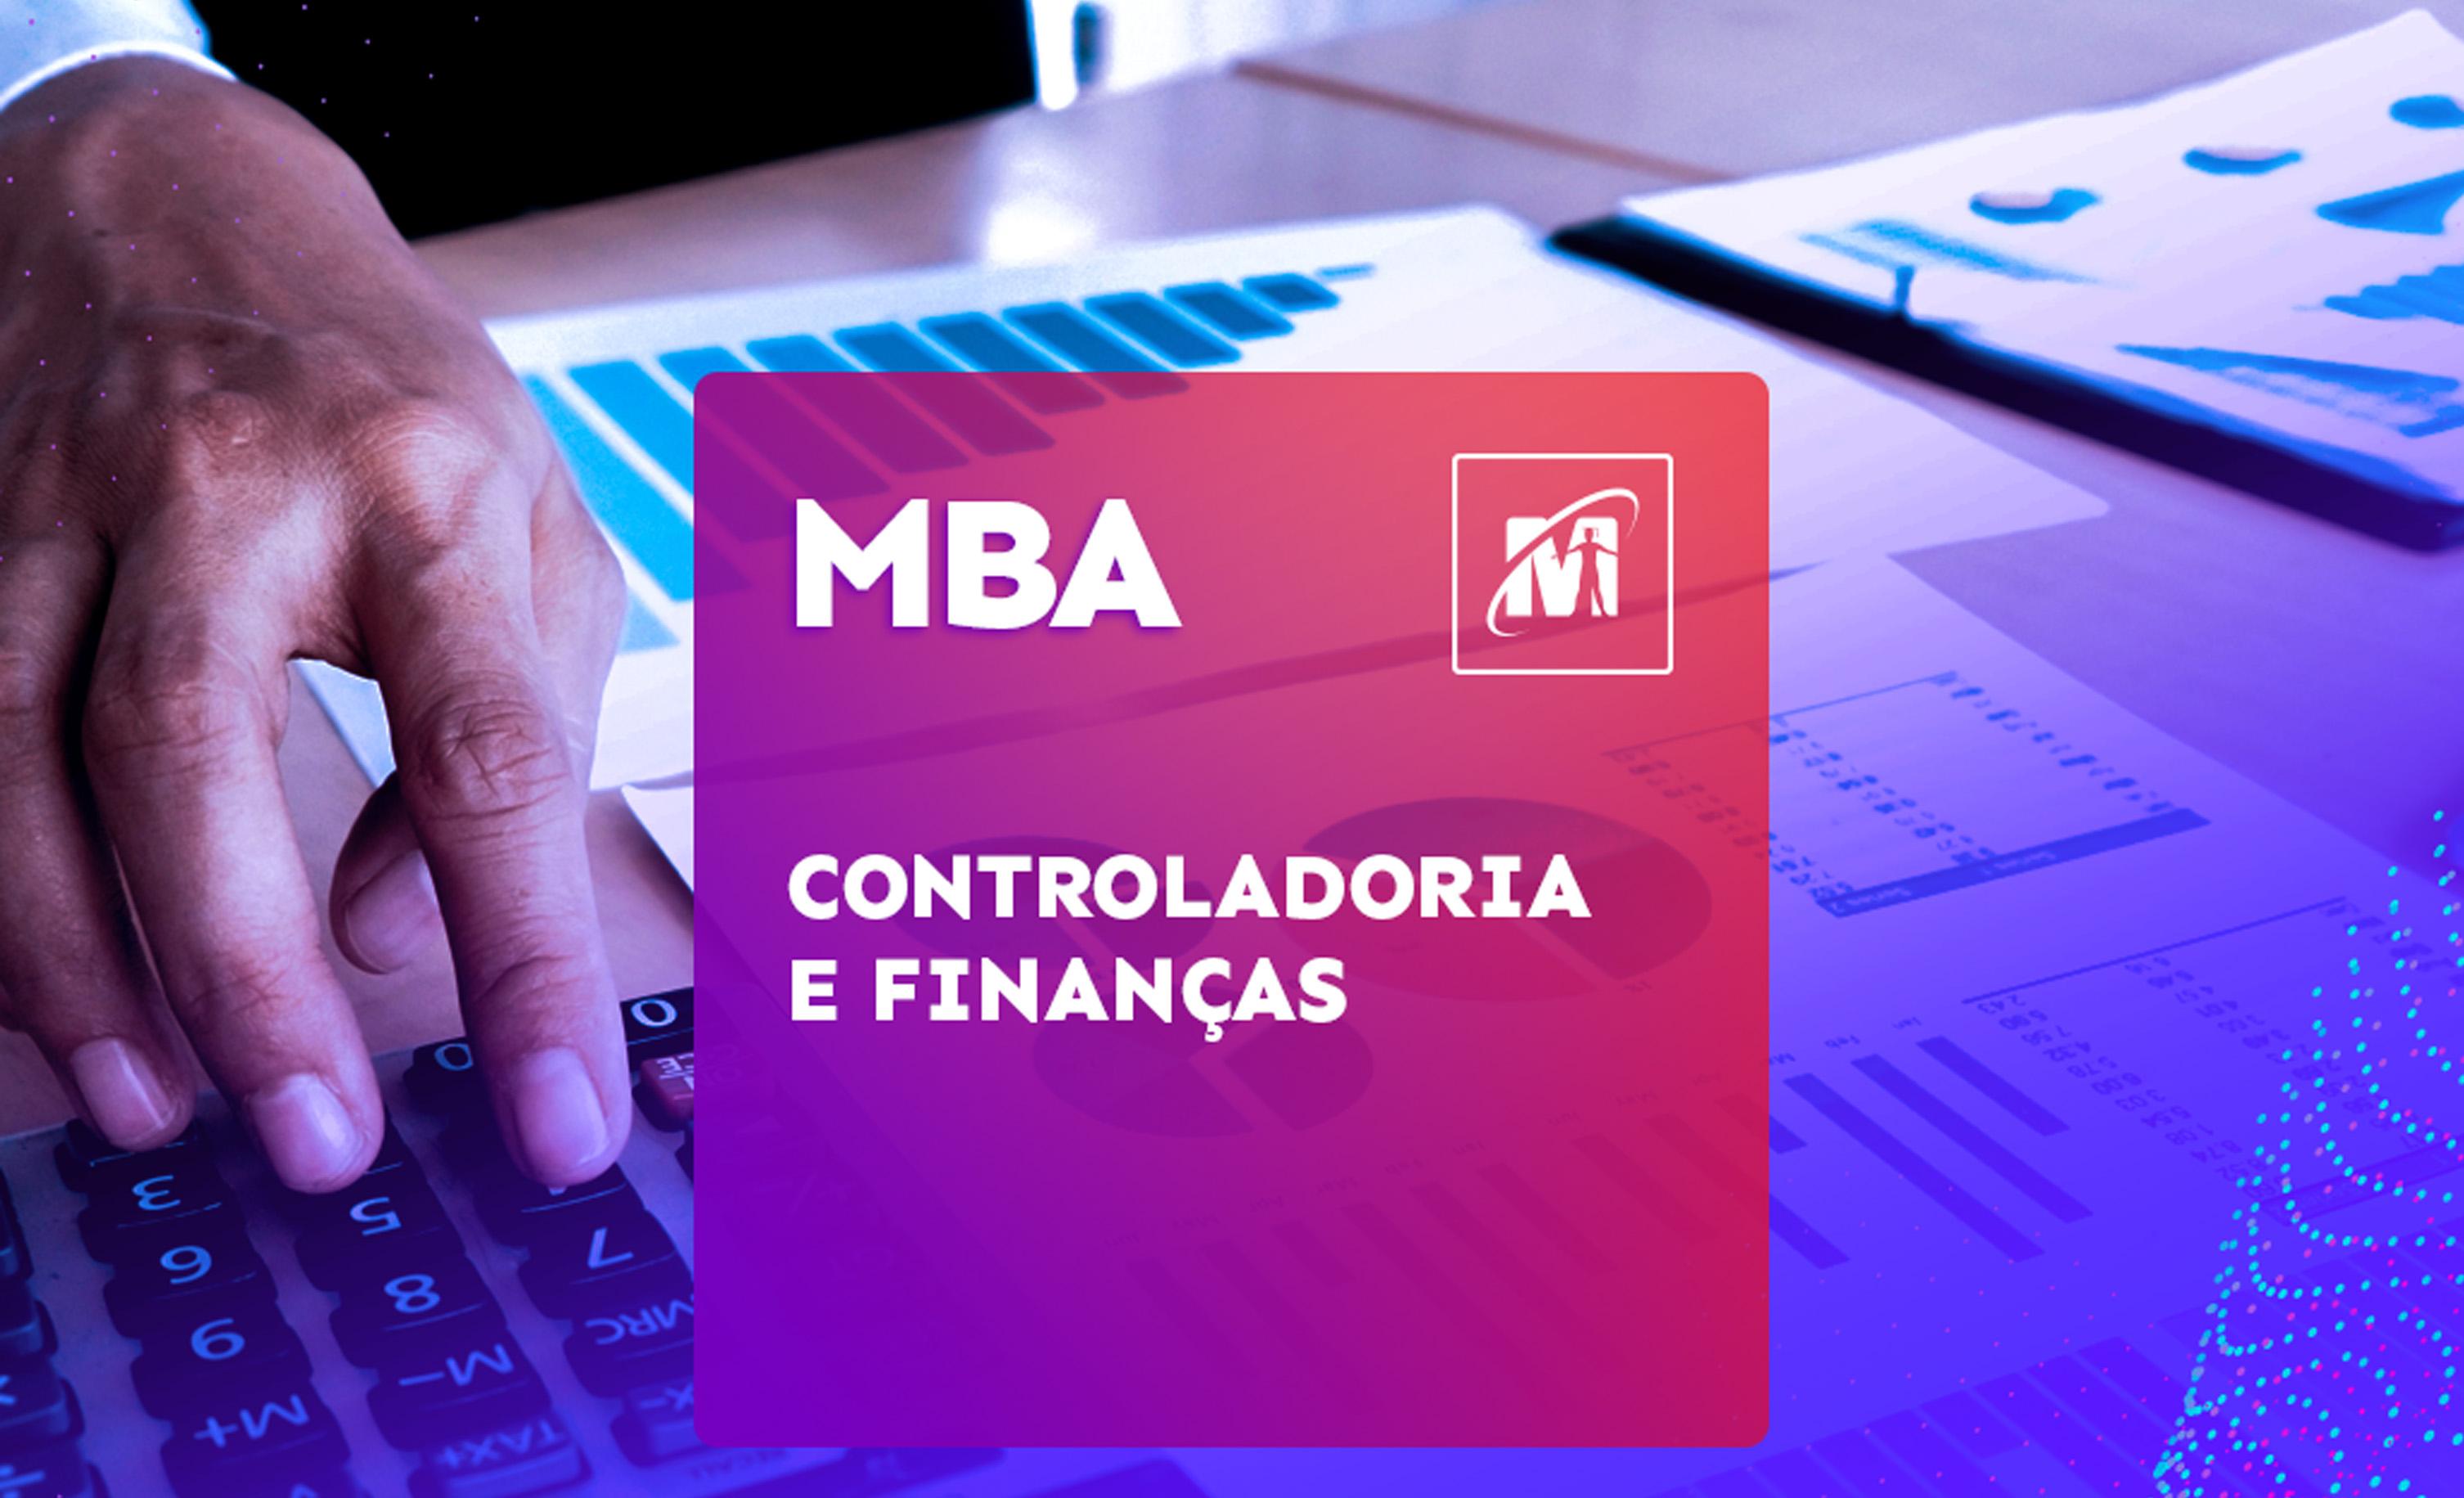 MBA em Controladoria e Finanças